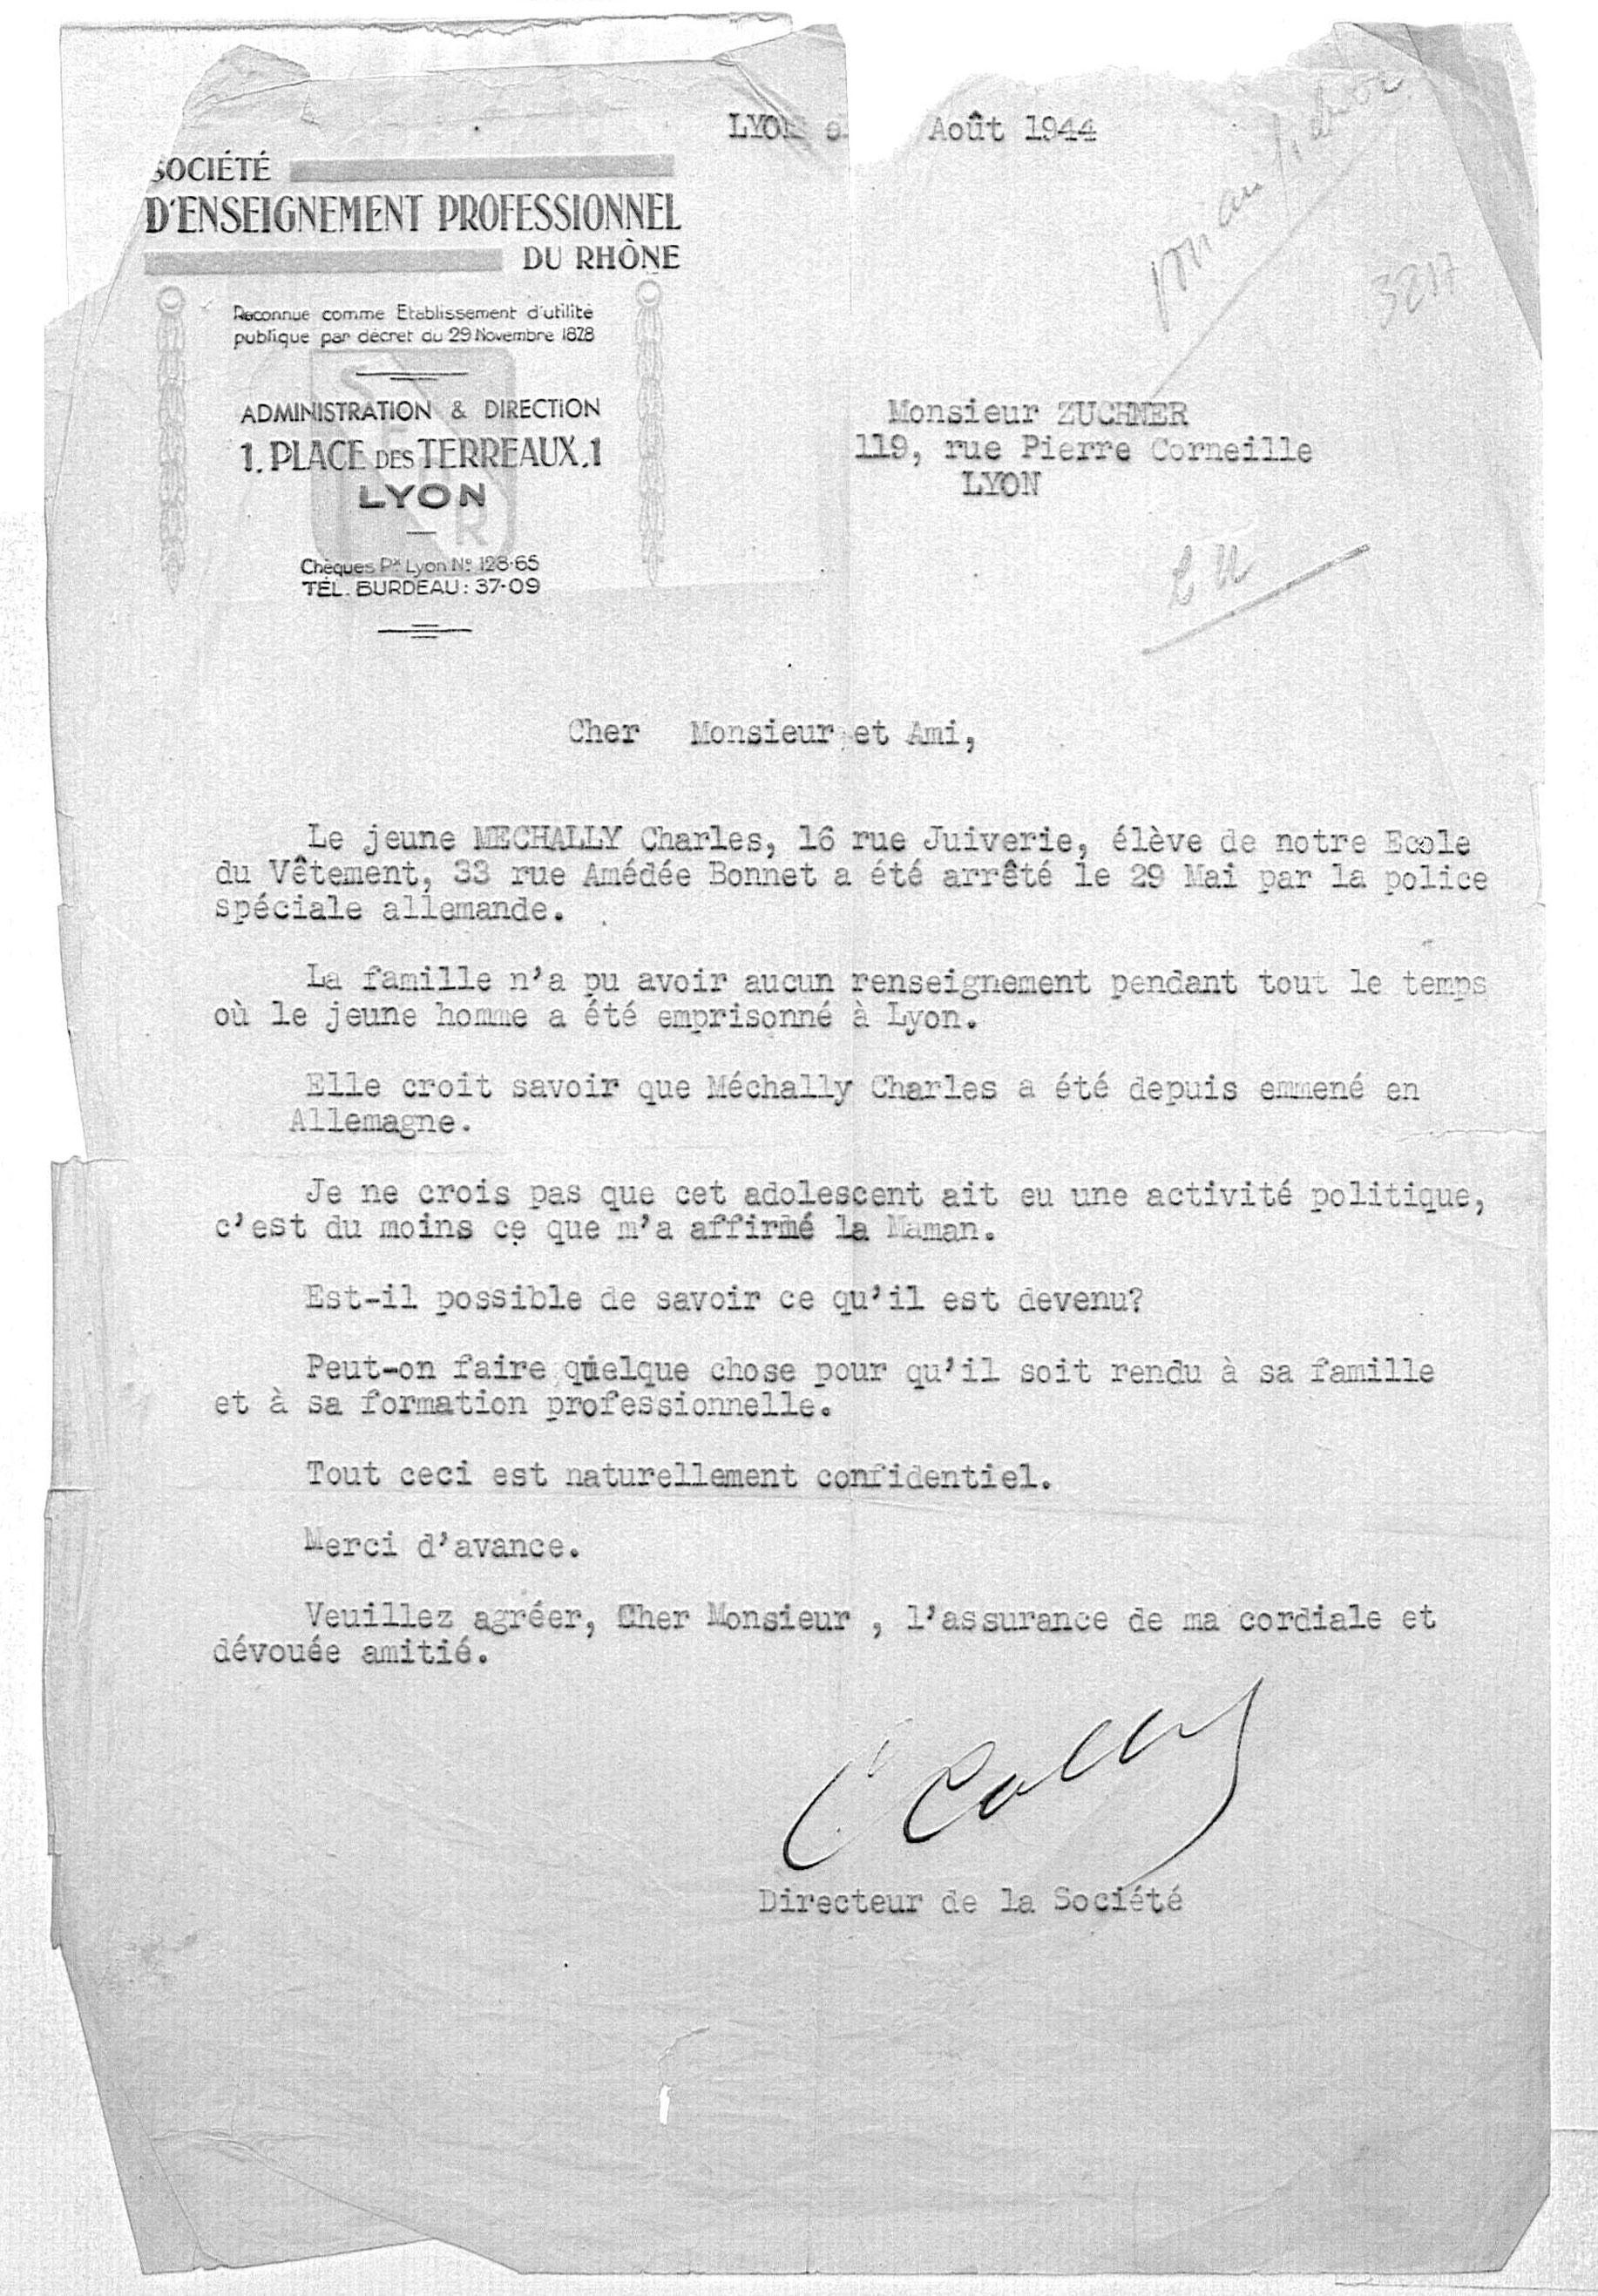 Lettre de demande de renseignements de la SEPR concernant Charles, Mechally, Saint-Fons